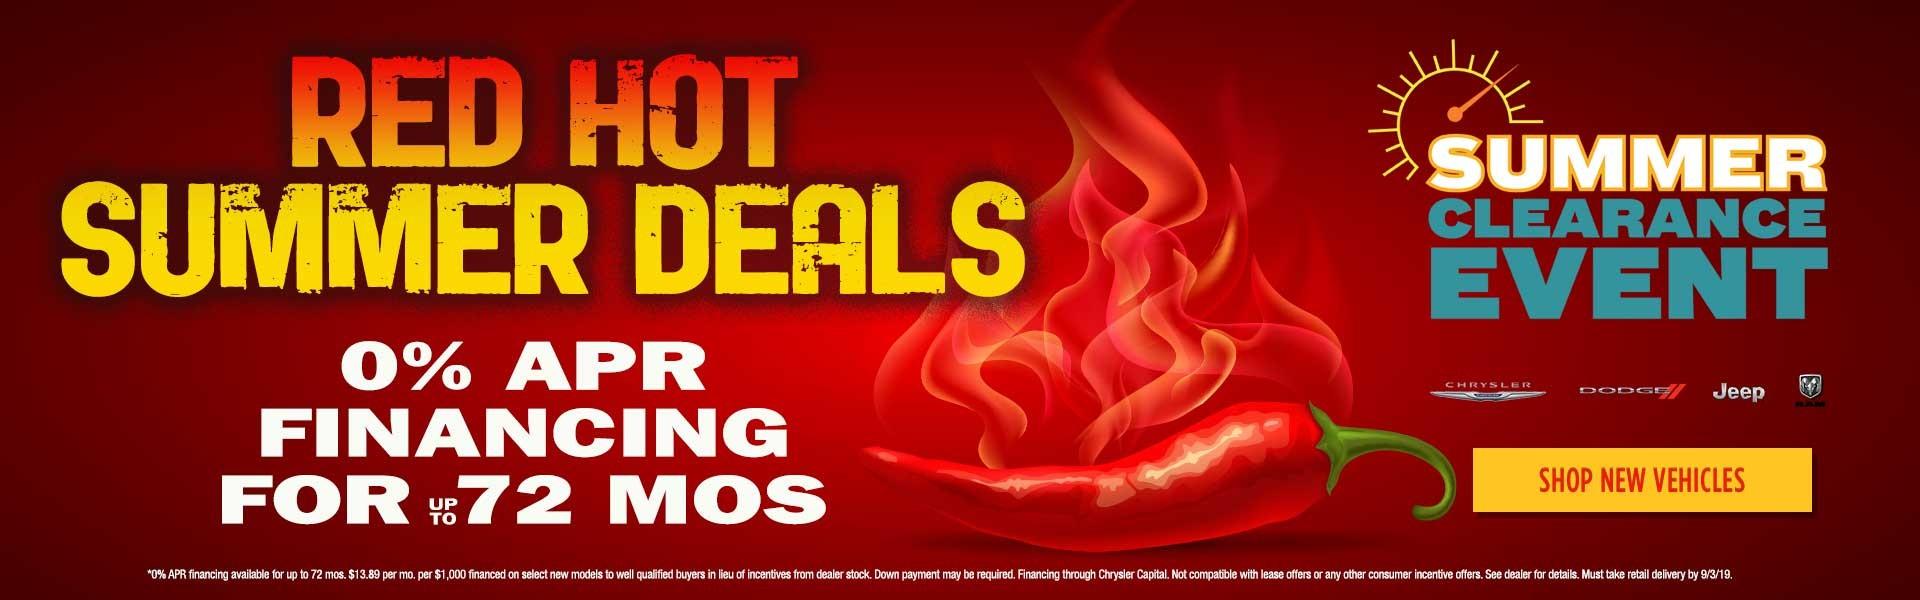 Red Hot Summer Deals